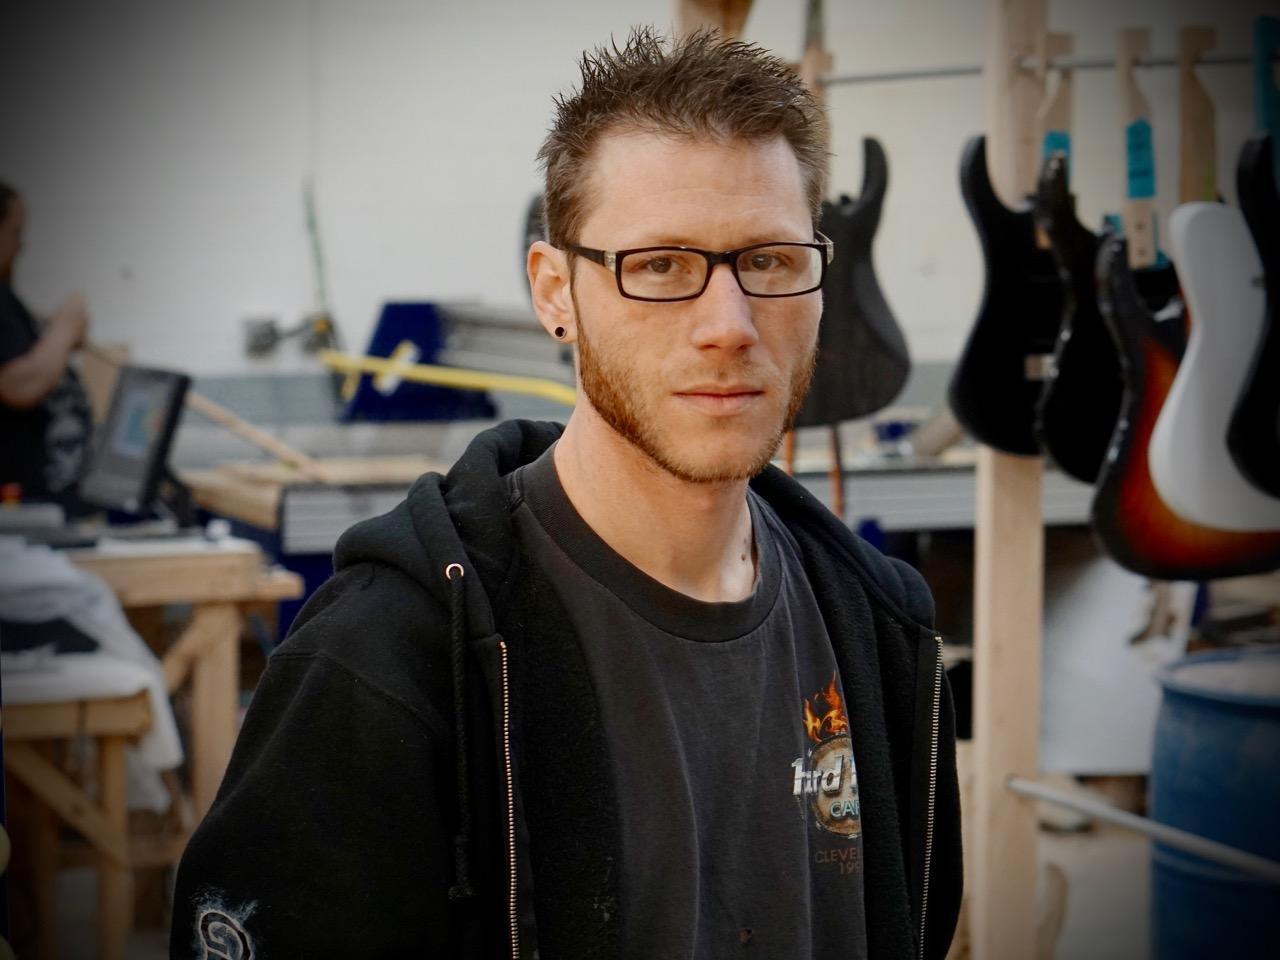 Chris Vidler - Luthier